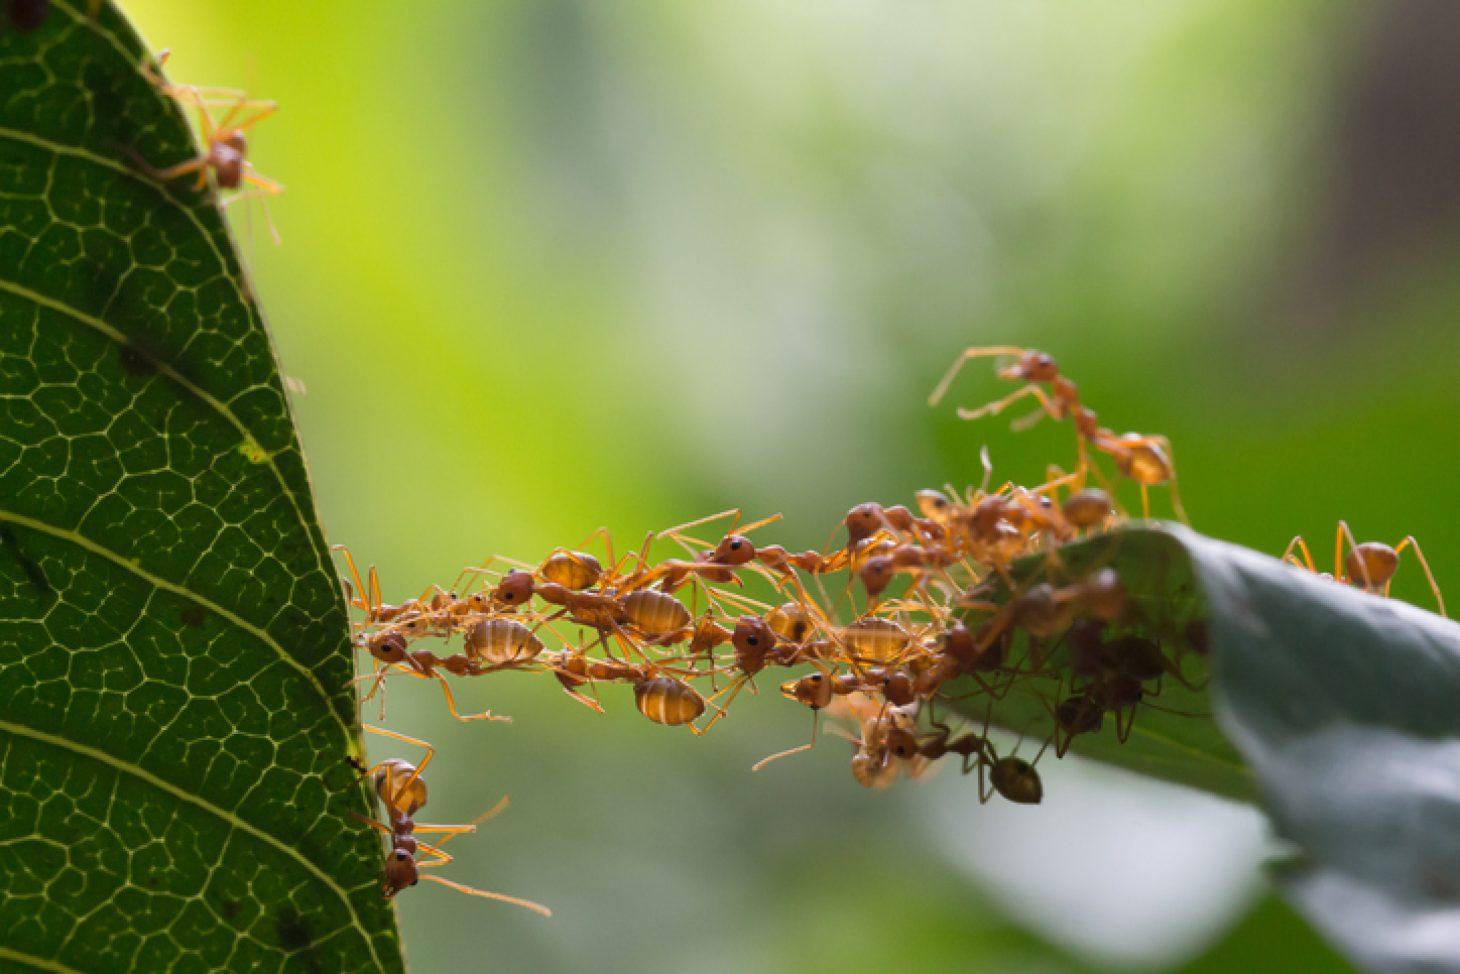 Comment Se Débarrasser Des Fourmis? | Central Extermination avec Comment Éliminer Des Fourmis Dans Le Jardin